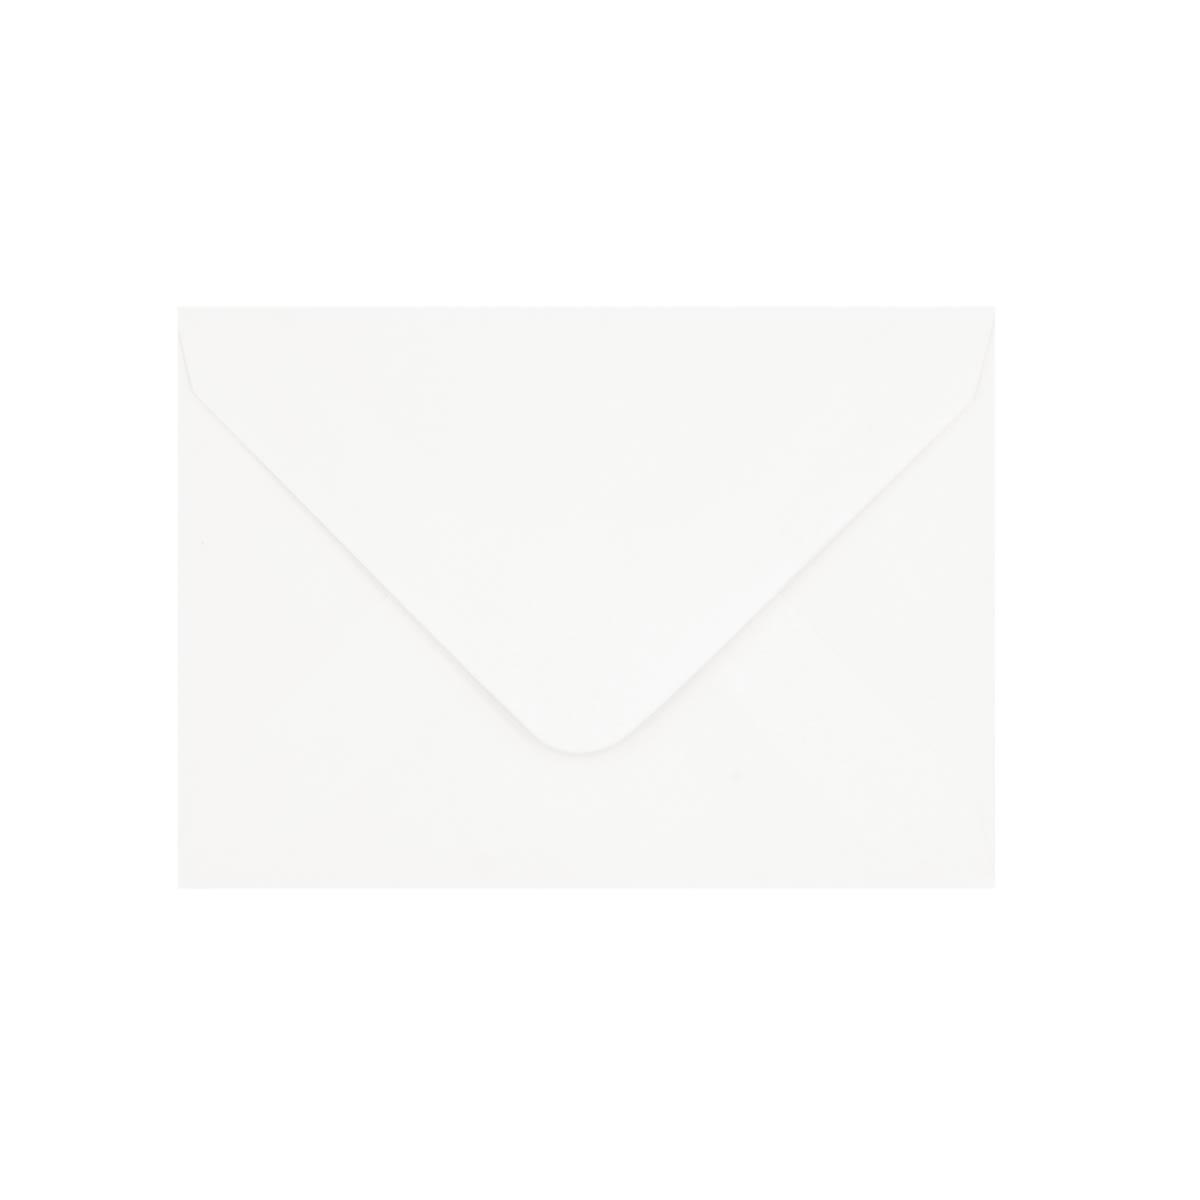 C7 WHITE HAMMERED ENVELOPES